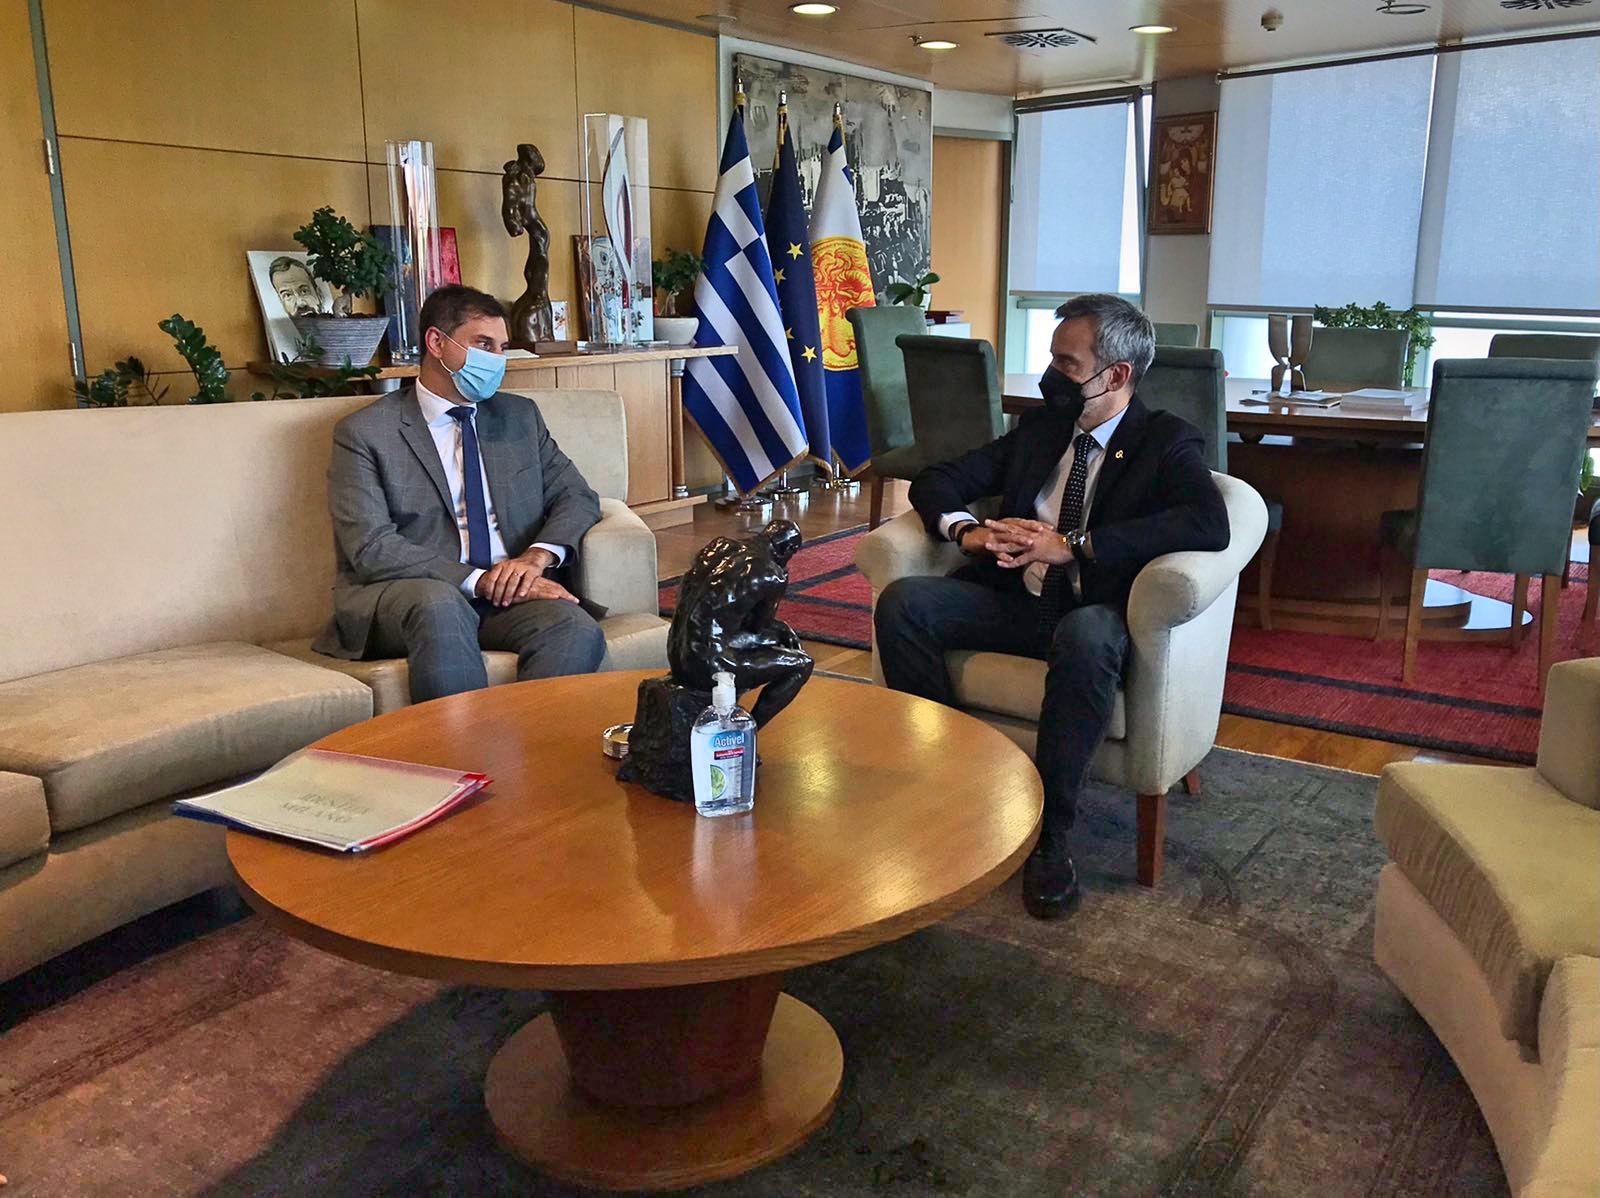 Συνάντηση του Δημάρχου Θεσσαλονίκης Κωνσταντίνου Ζέρβα με τον Υπουργό Τουρισμού Χάρη Θεοχάρη